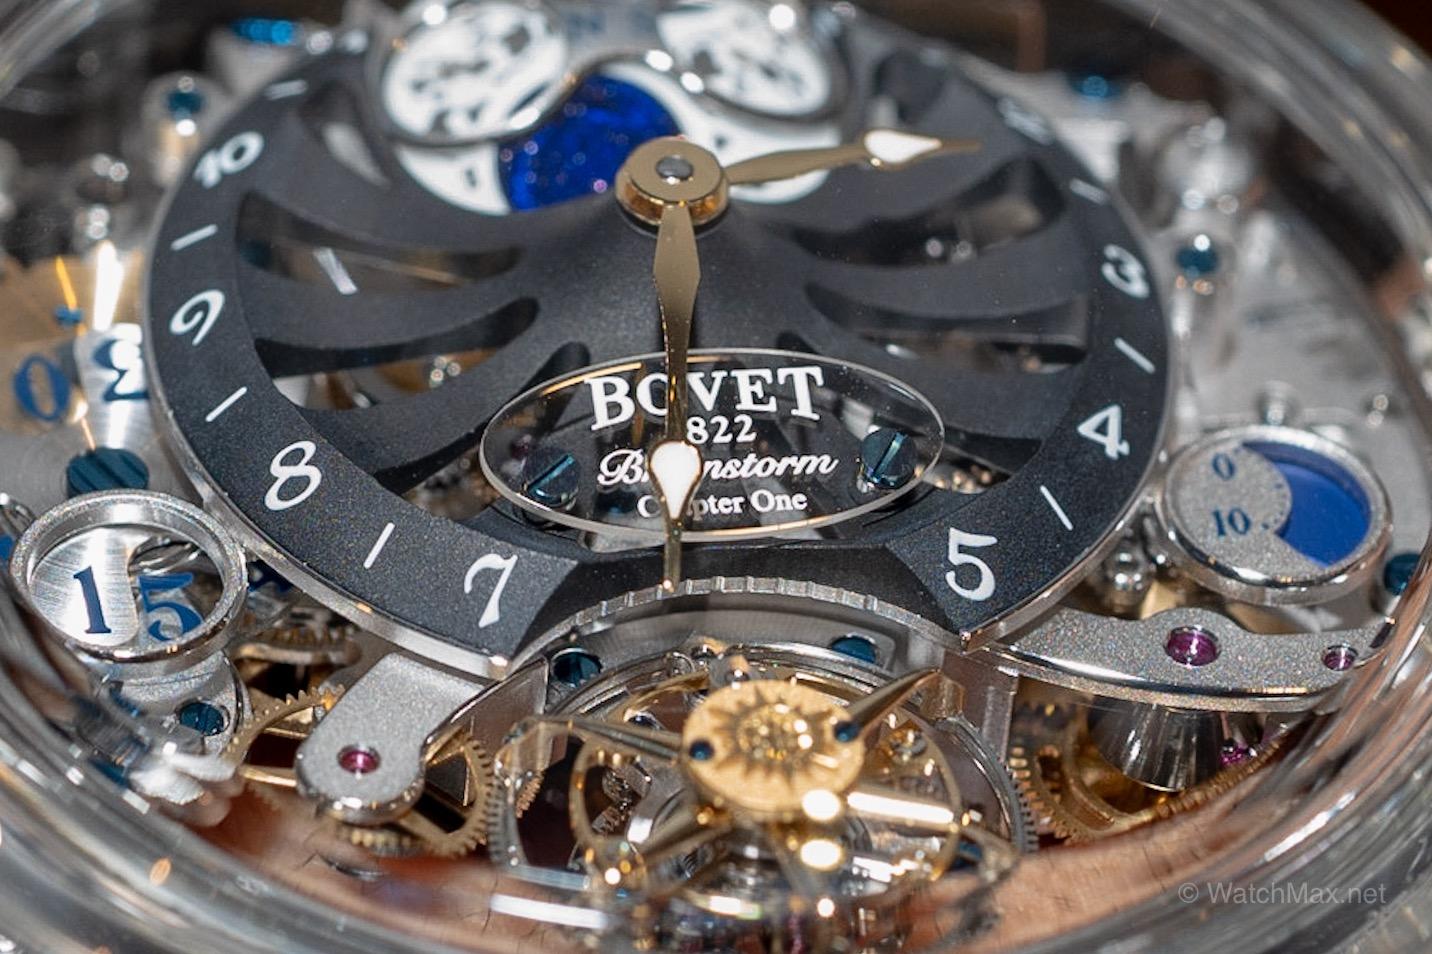 bovet-1822-novelties-sihh-2019-39.JPG